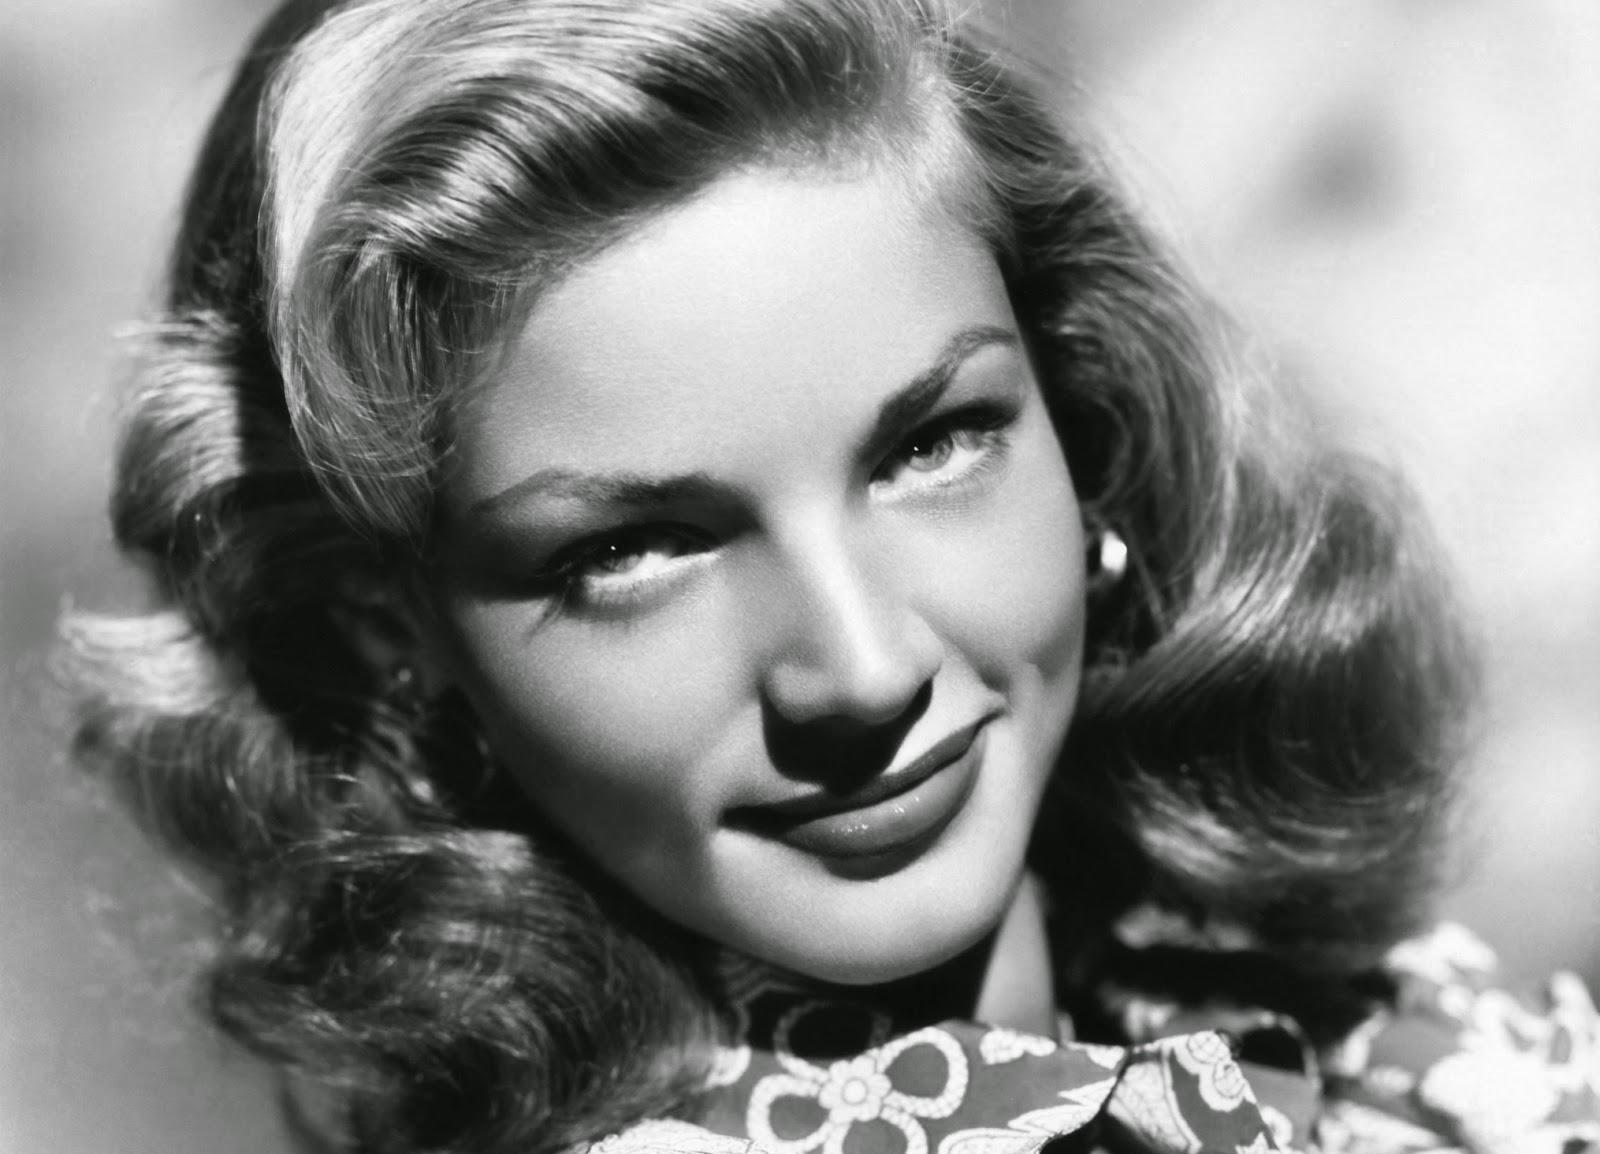 Fallece la actriz Lauren Bacall. Making Of. MÁS CINE. Noticias